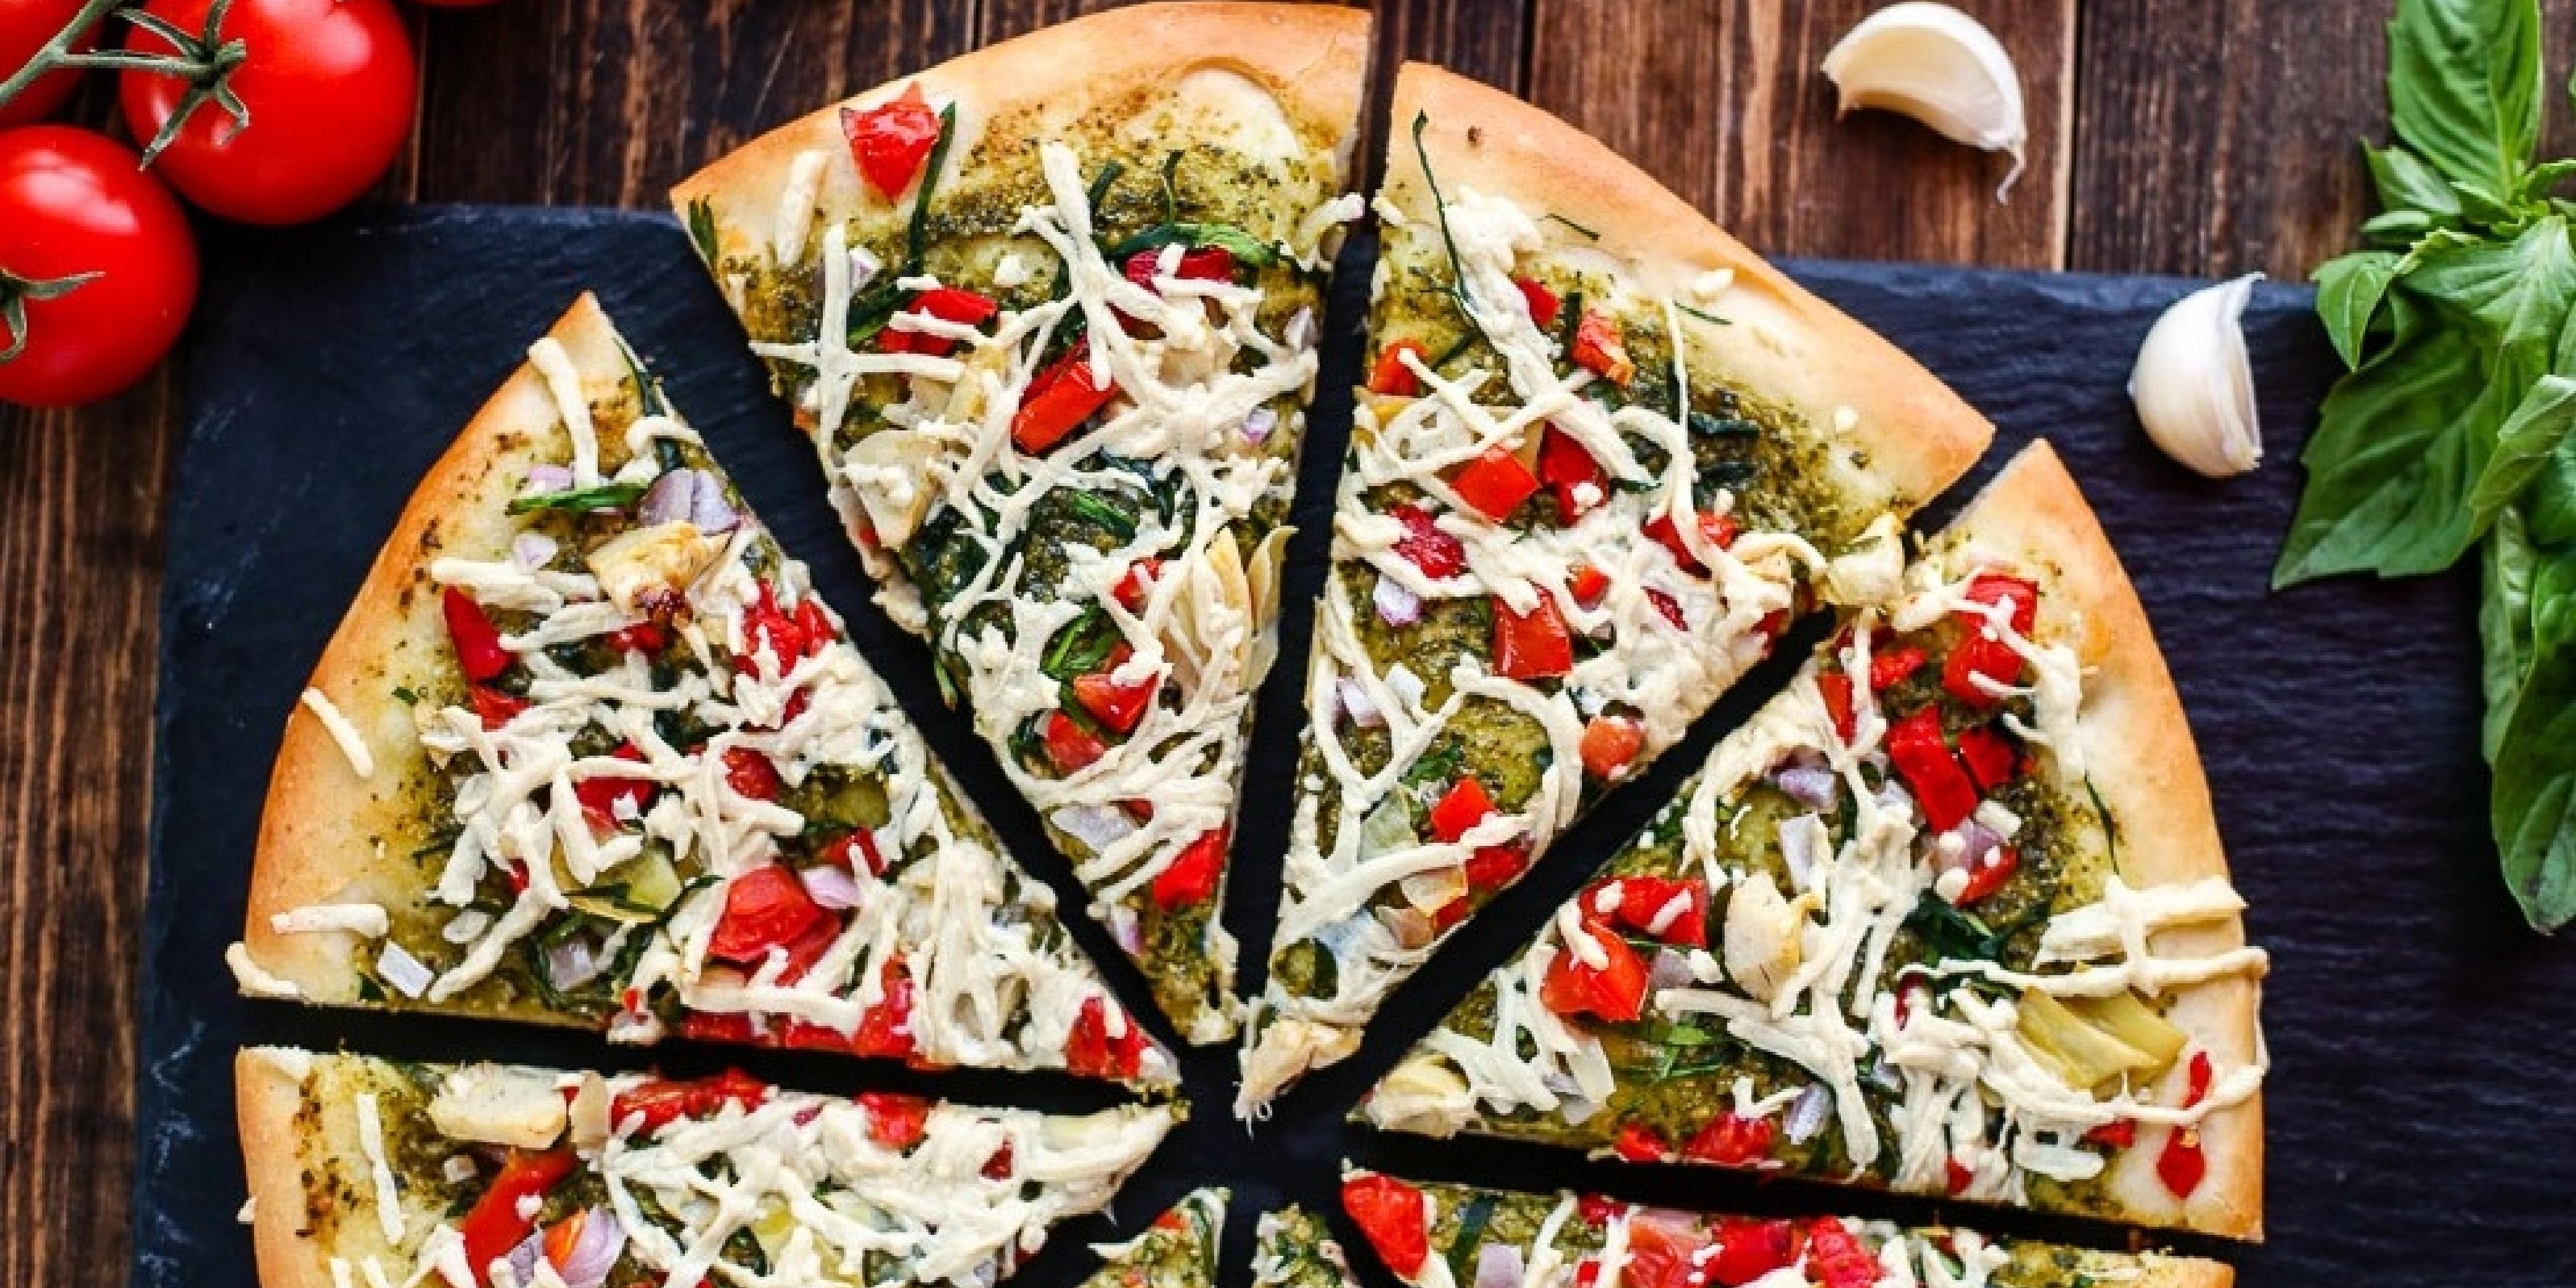 5 Pizzerías Veganas o Gluten Free en San Juan | Recetas ...